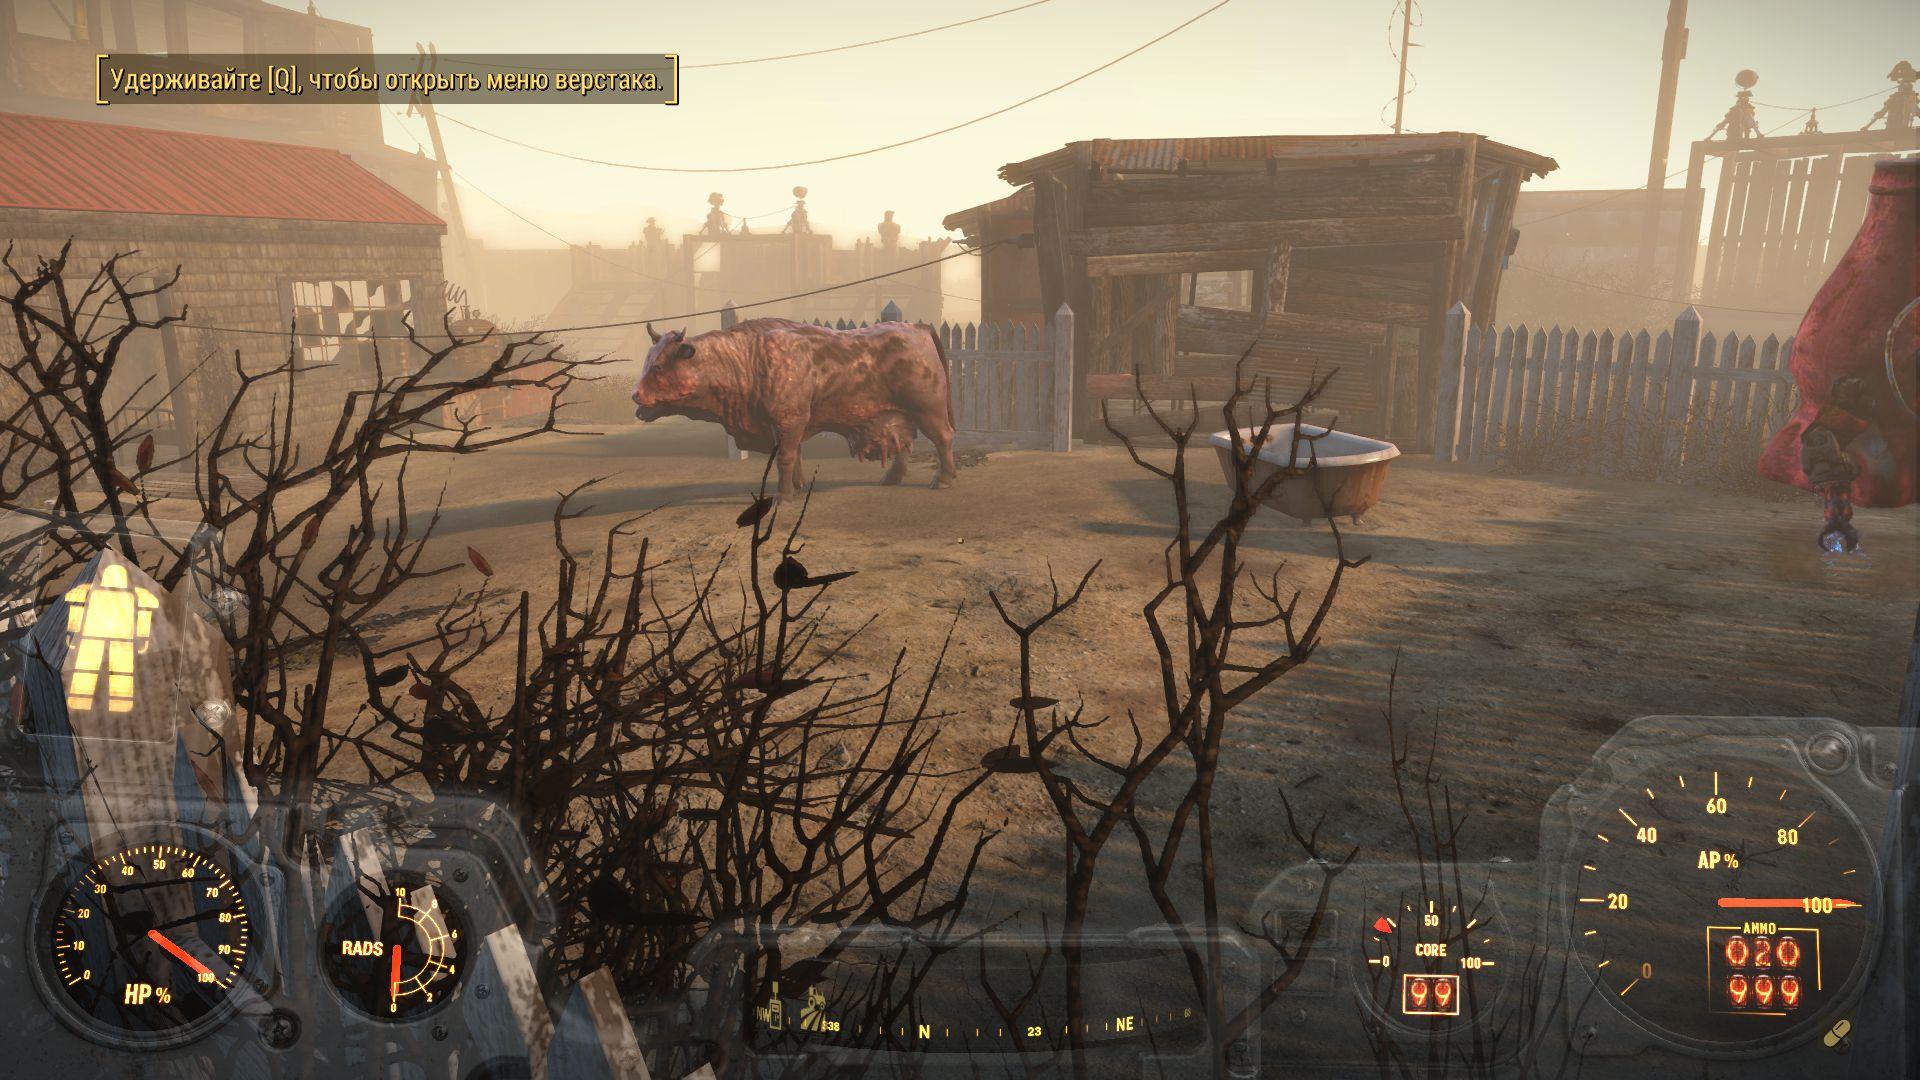 Здесь будет ферма по разведению браминов - Fallout 4 брамин, лужайка